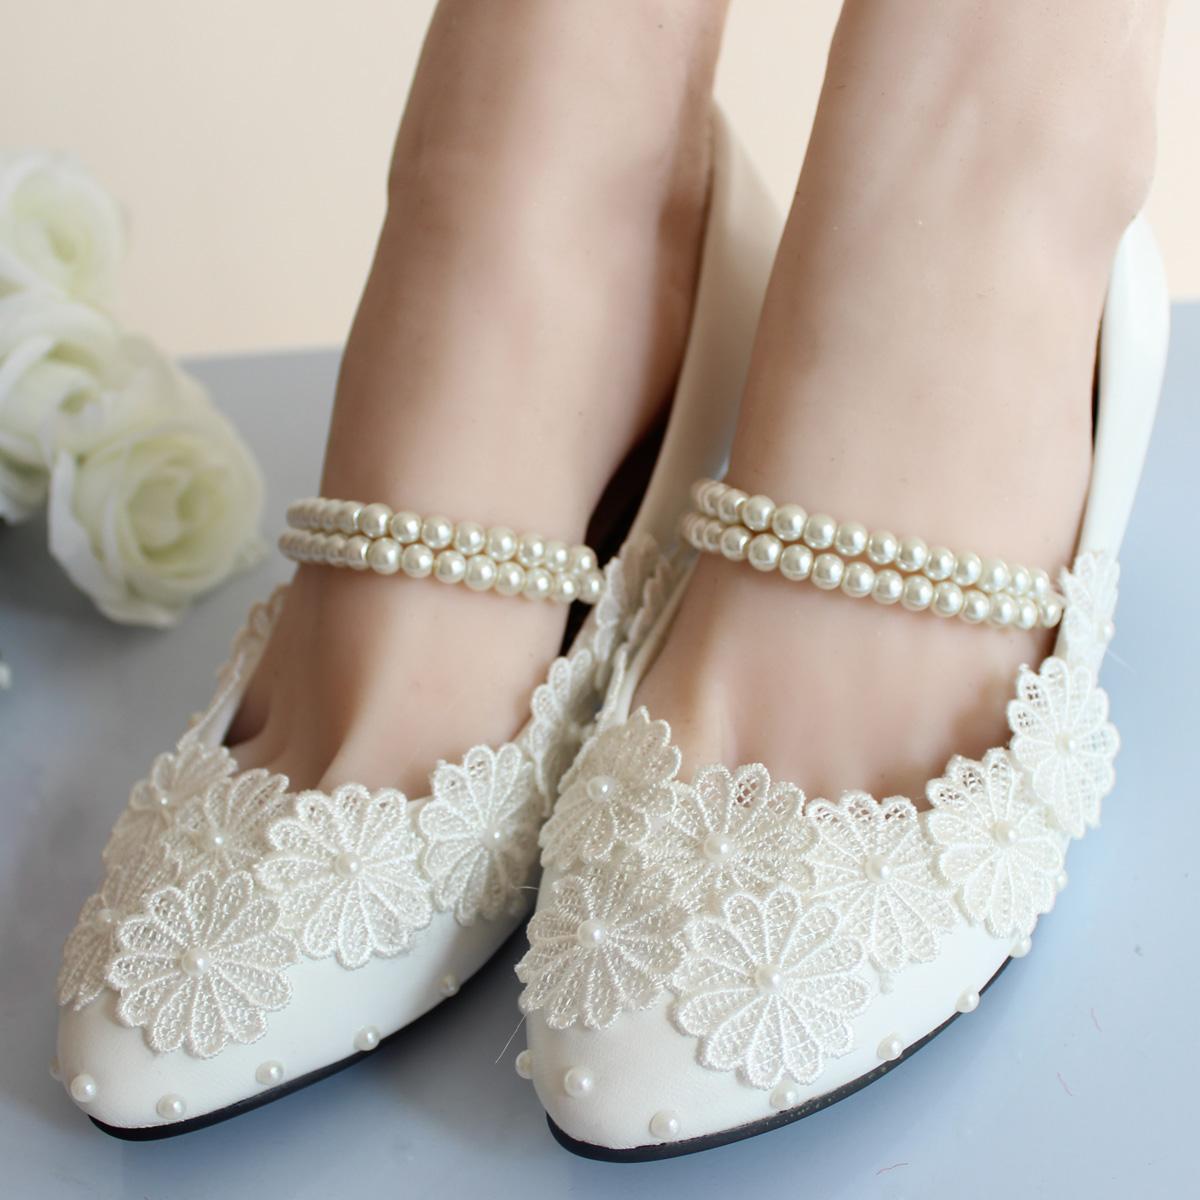 Blanc bandage perles fleur de mariee demoiselle d honneur chaussures femmes chaussures chaussures de mariage pompes